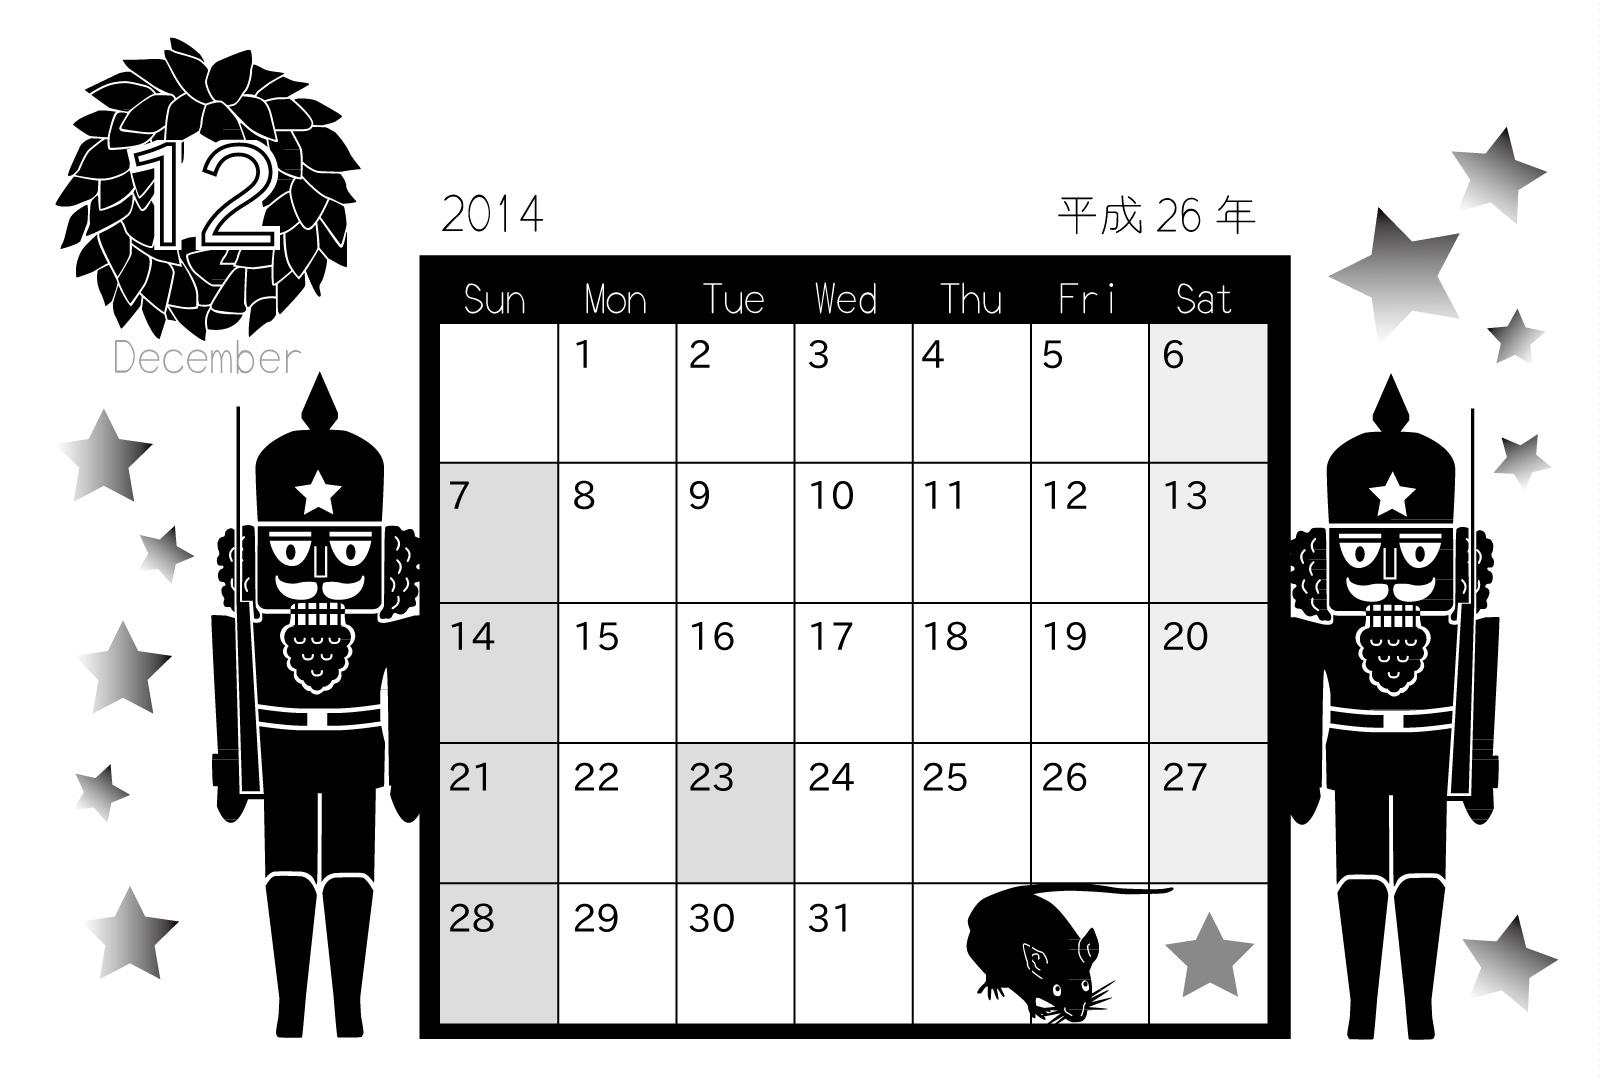 カレンダー 月のカレンダー2014 : 12月のカレンダー(2014年) D-001036 ...